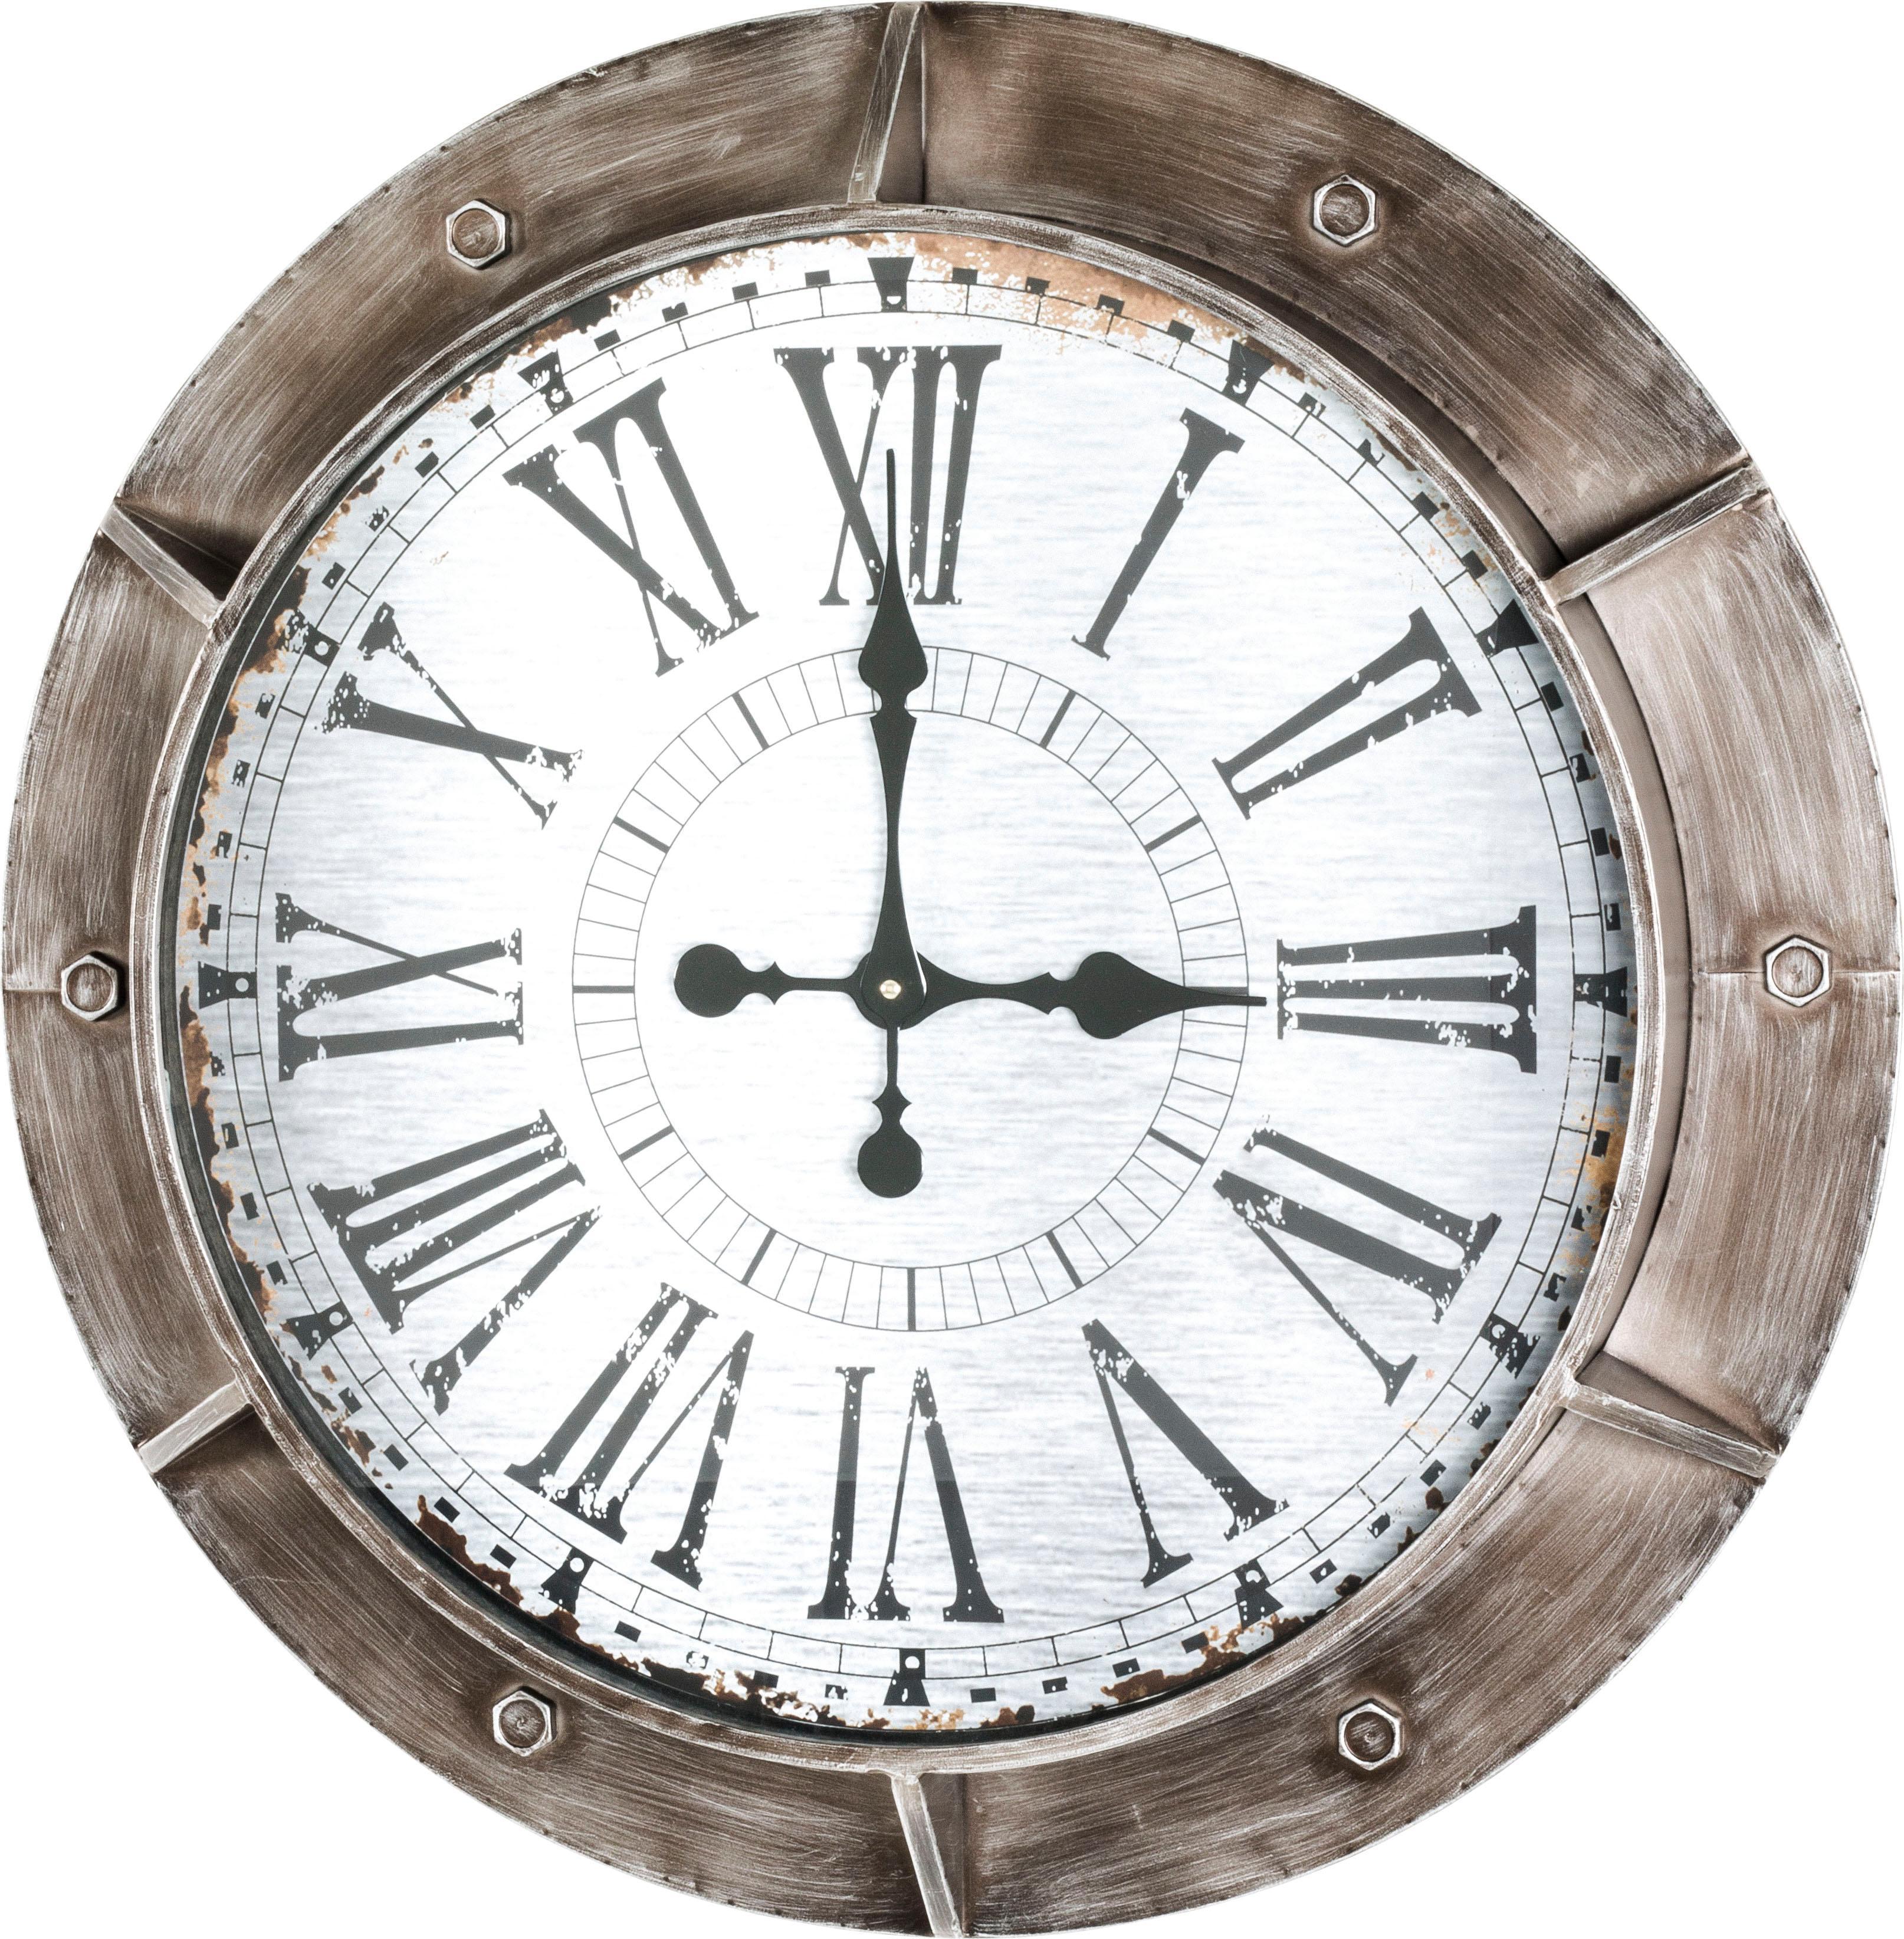 HAKU Wanduhr Wohnen/Accessoires & Leuchten/Wohnaccessoires/Uhren/Wanduhren